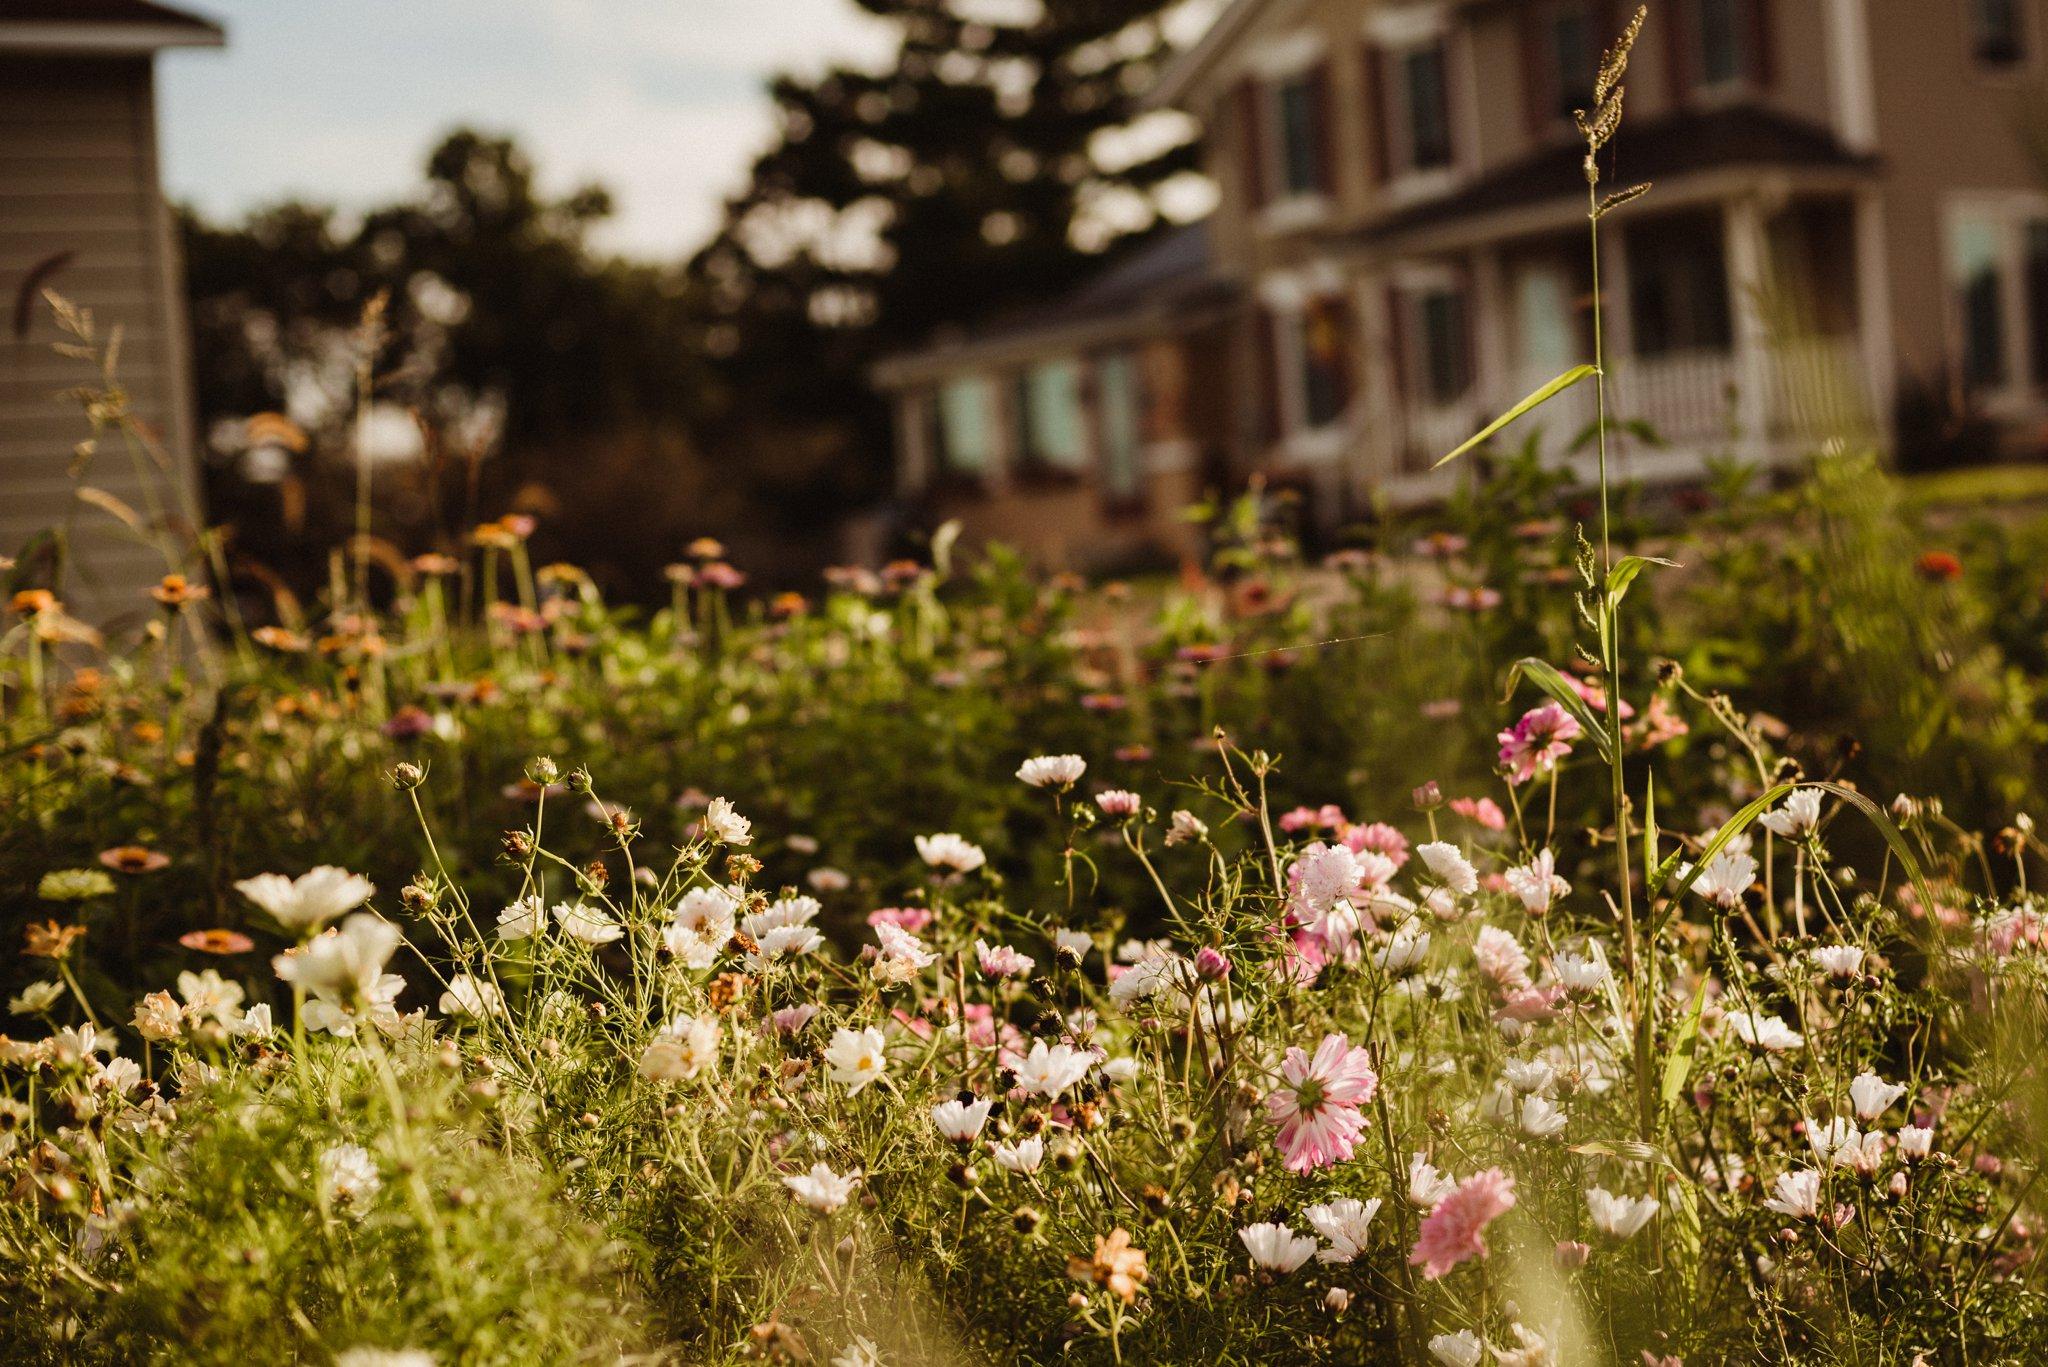 The Grove Flower Farm